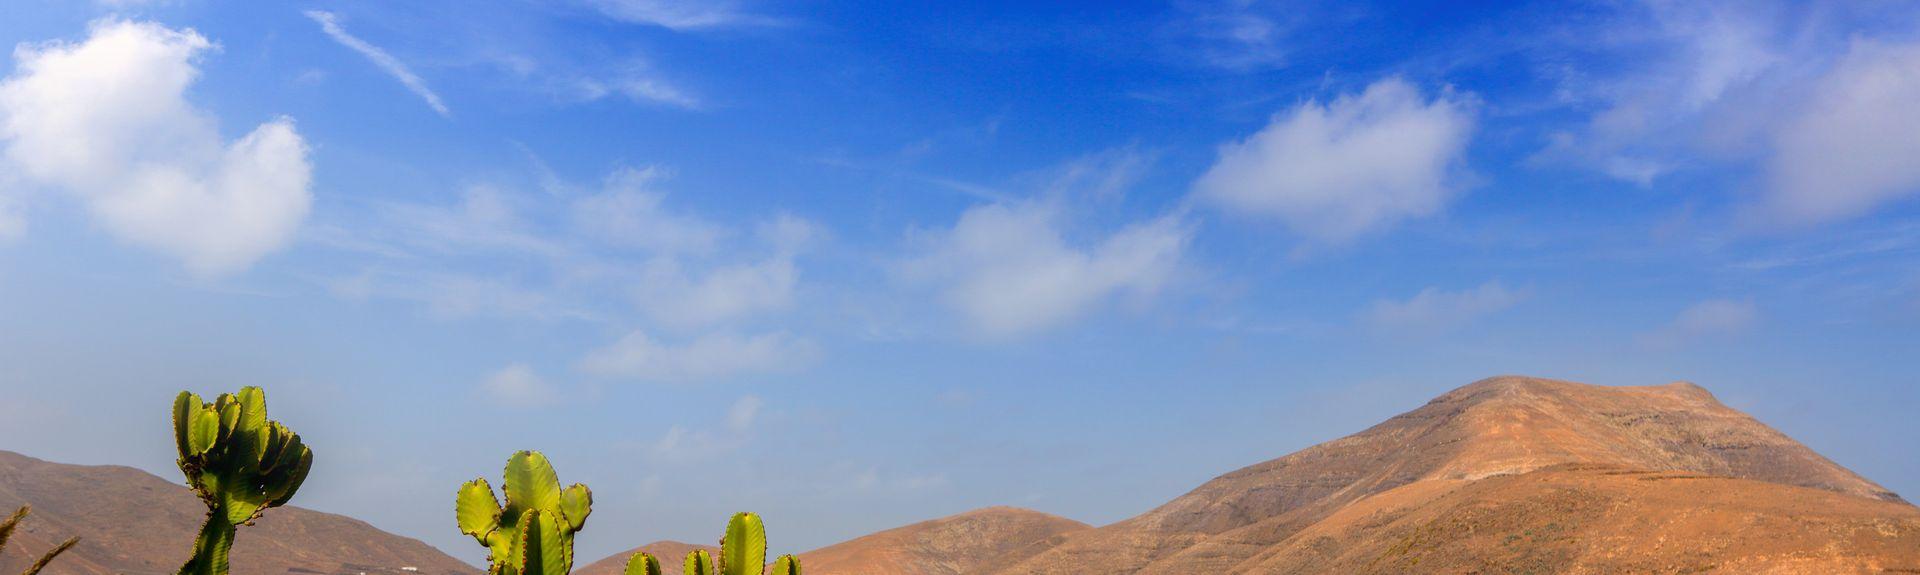 Yaiza, Wyspy Kanaryjskie, Hiszpania